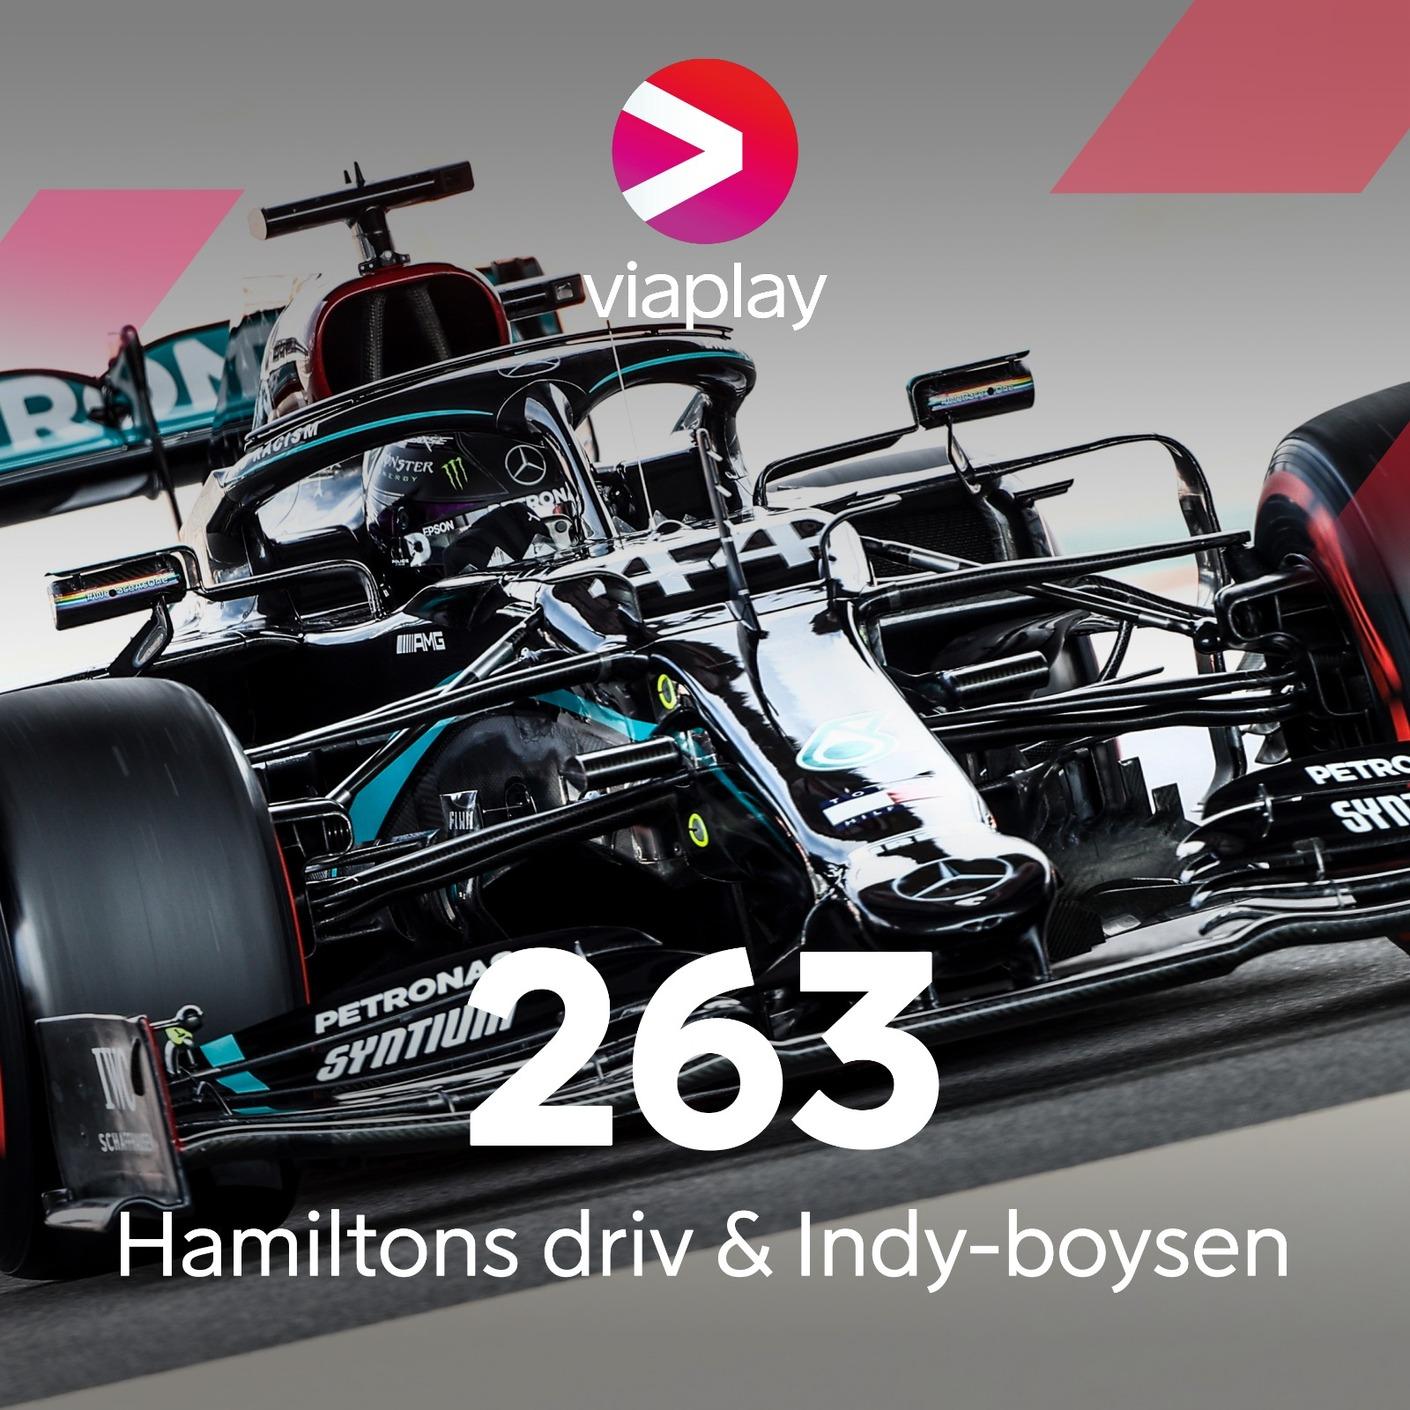 263. Hamiltons driv & Indy-boysen